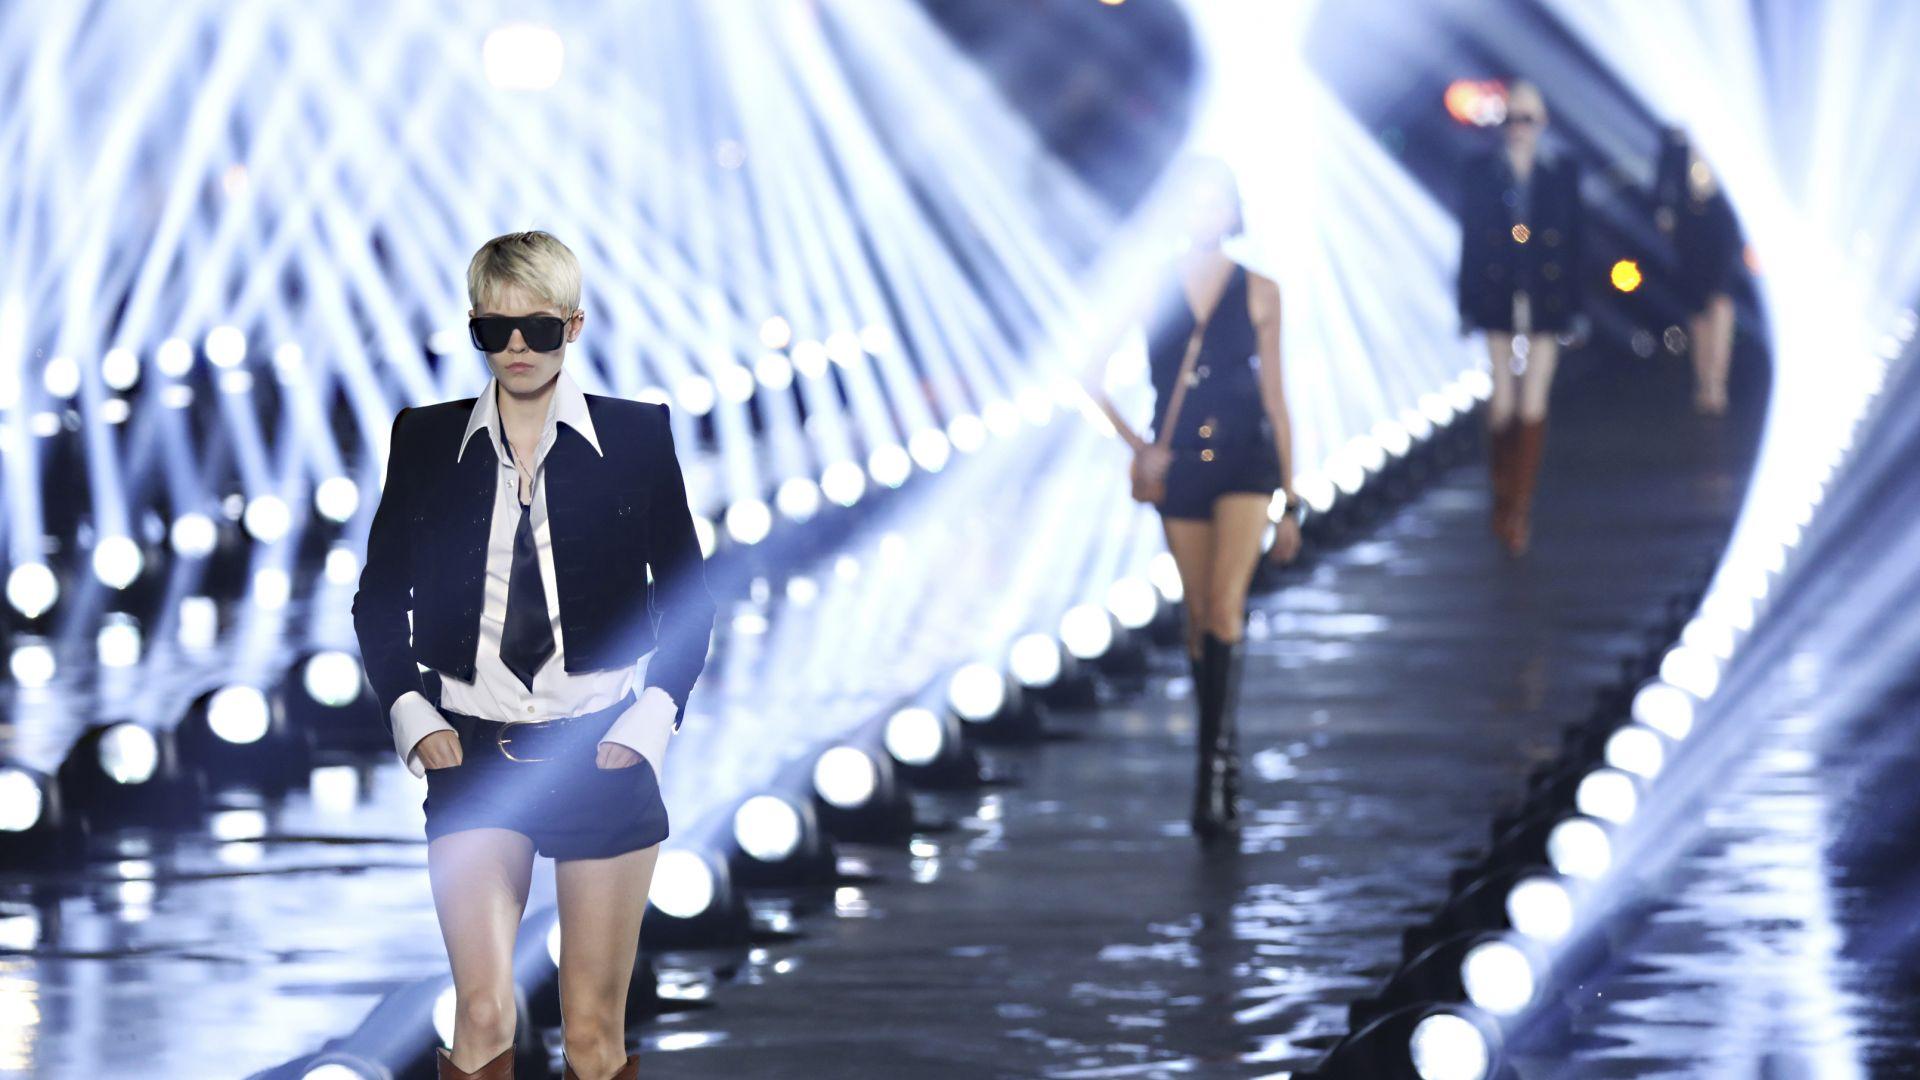 Започва Седмица на модата в Париж